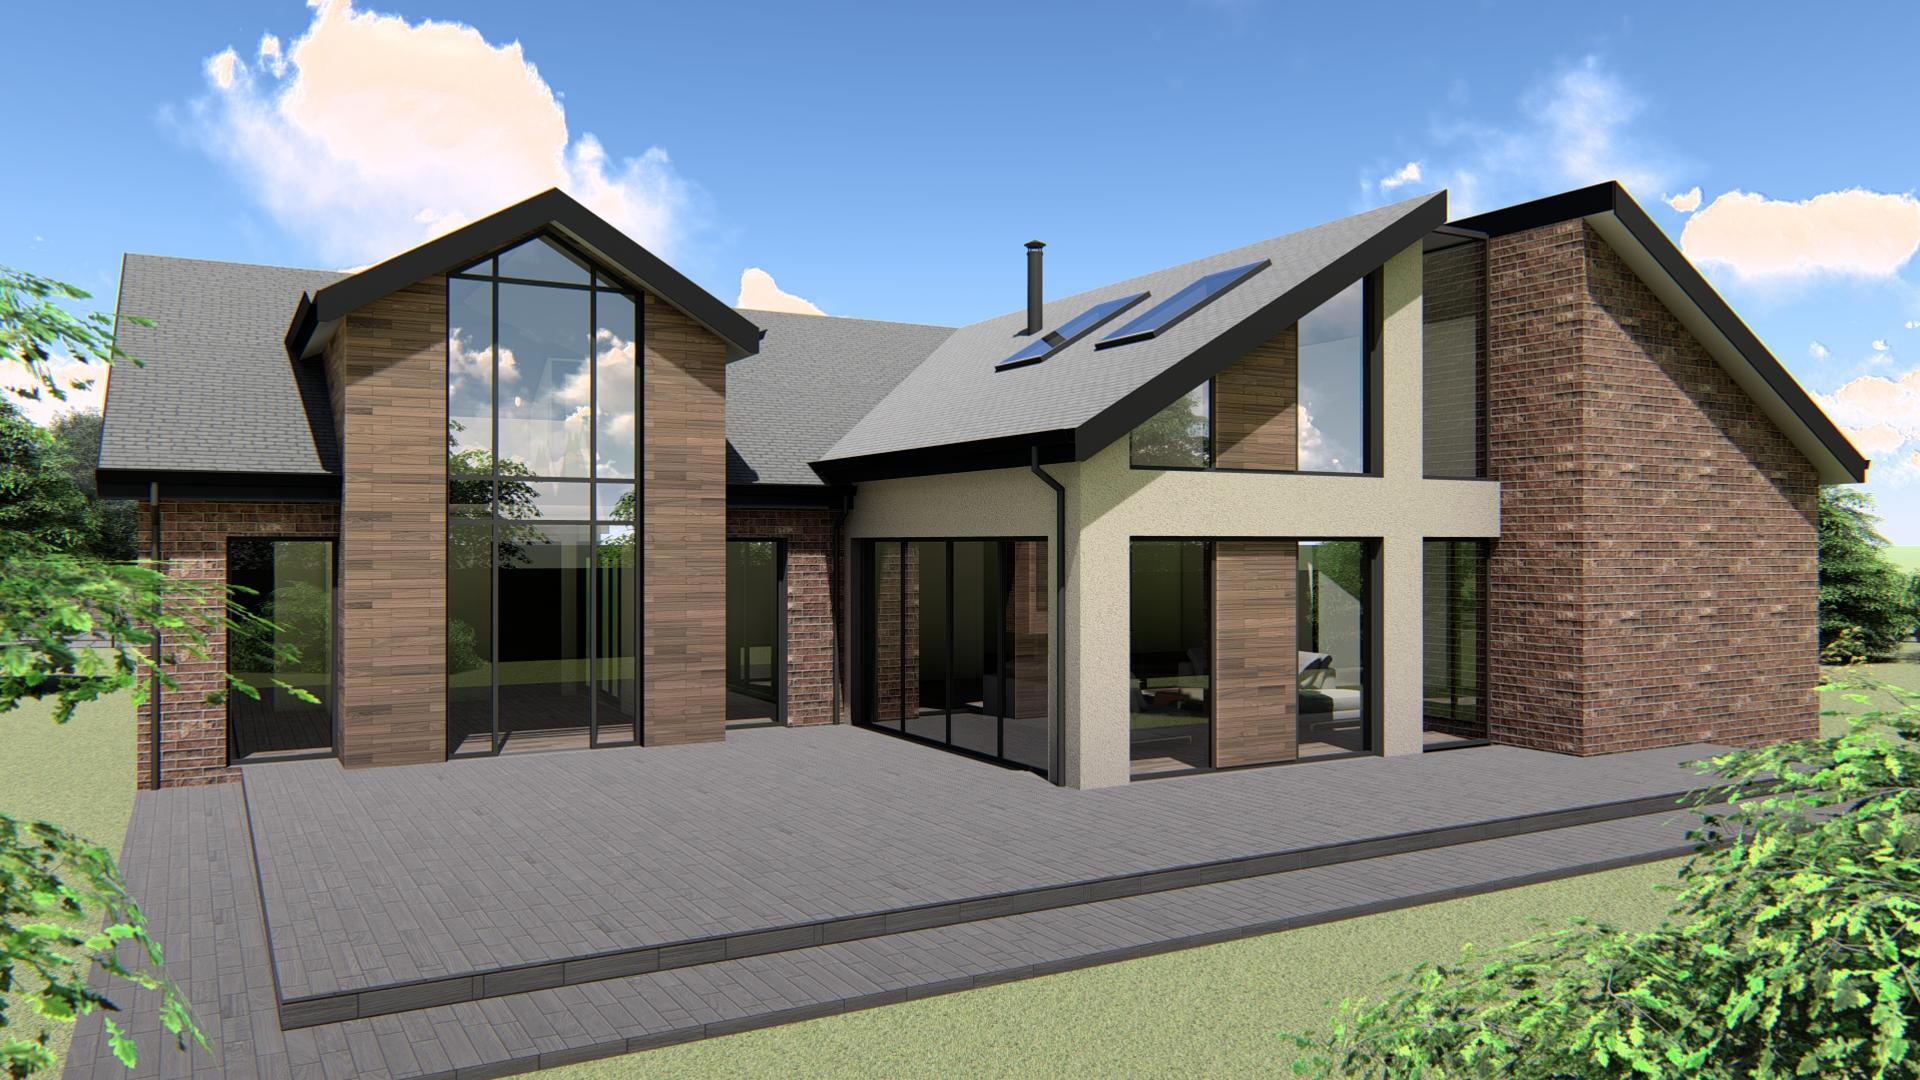 Carter-Zub - Architectural Design